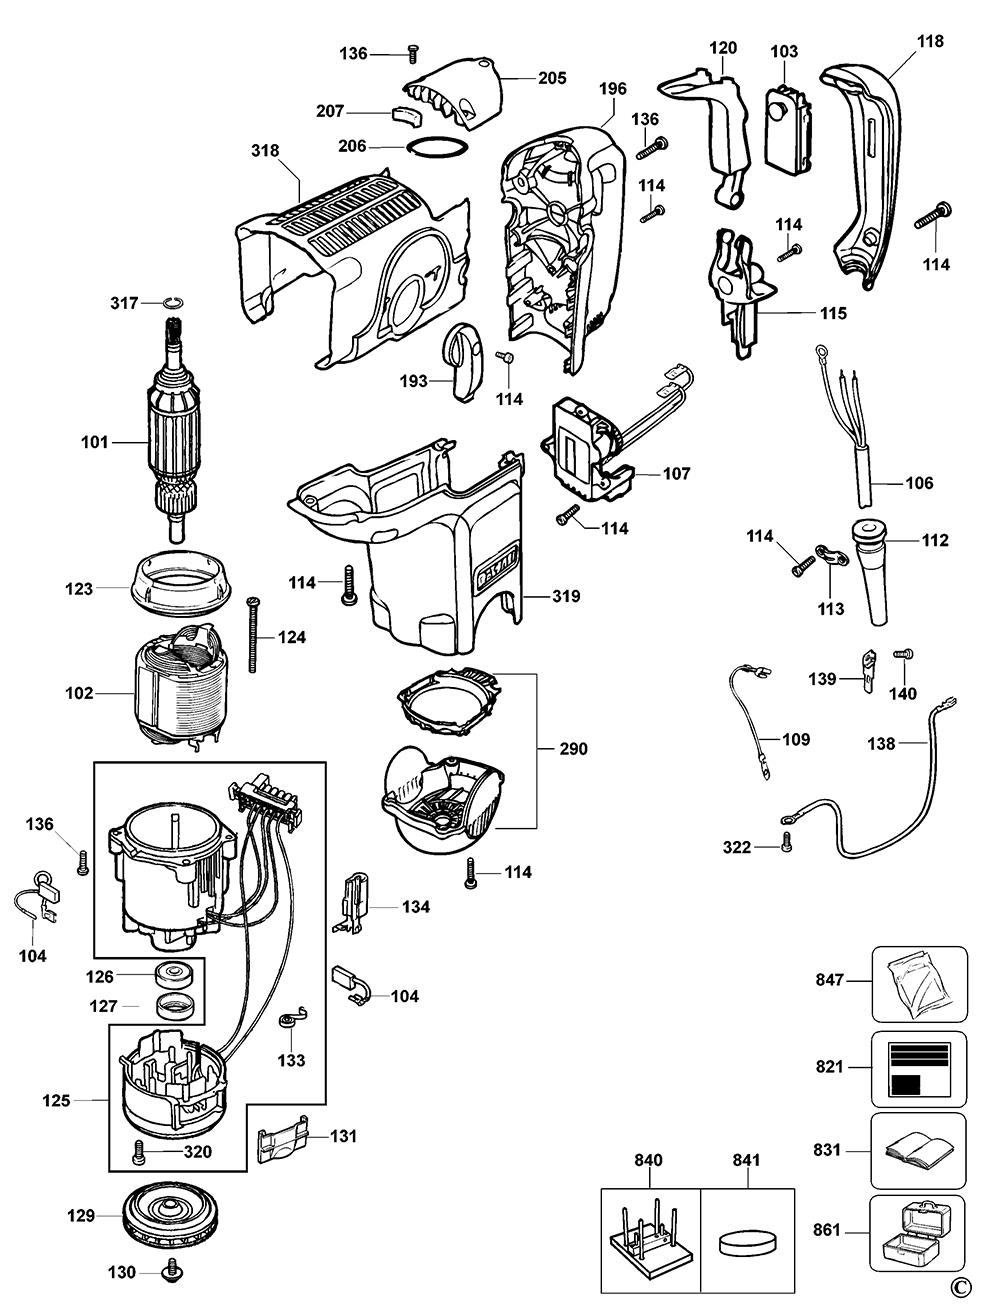 D25500KBR-Dewalt-T1-PB-1Break Down